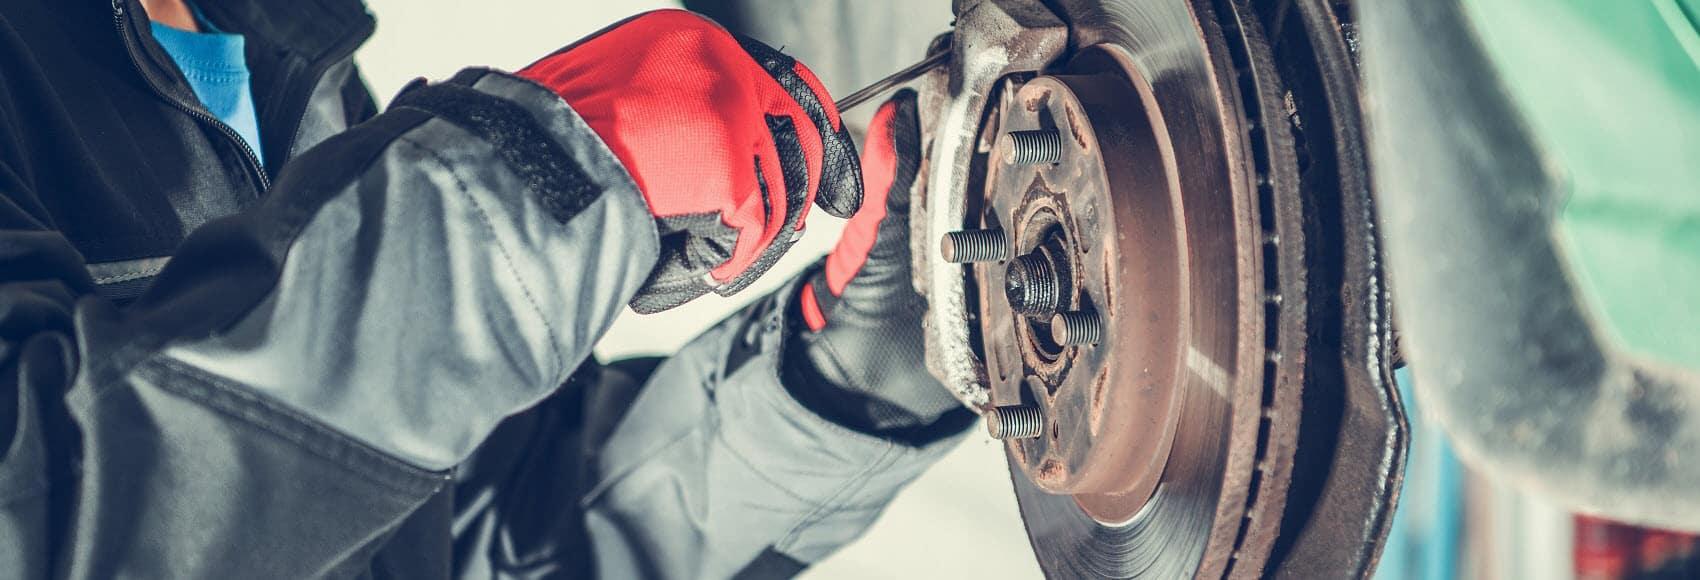 Squeaking Brake Repair